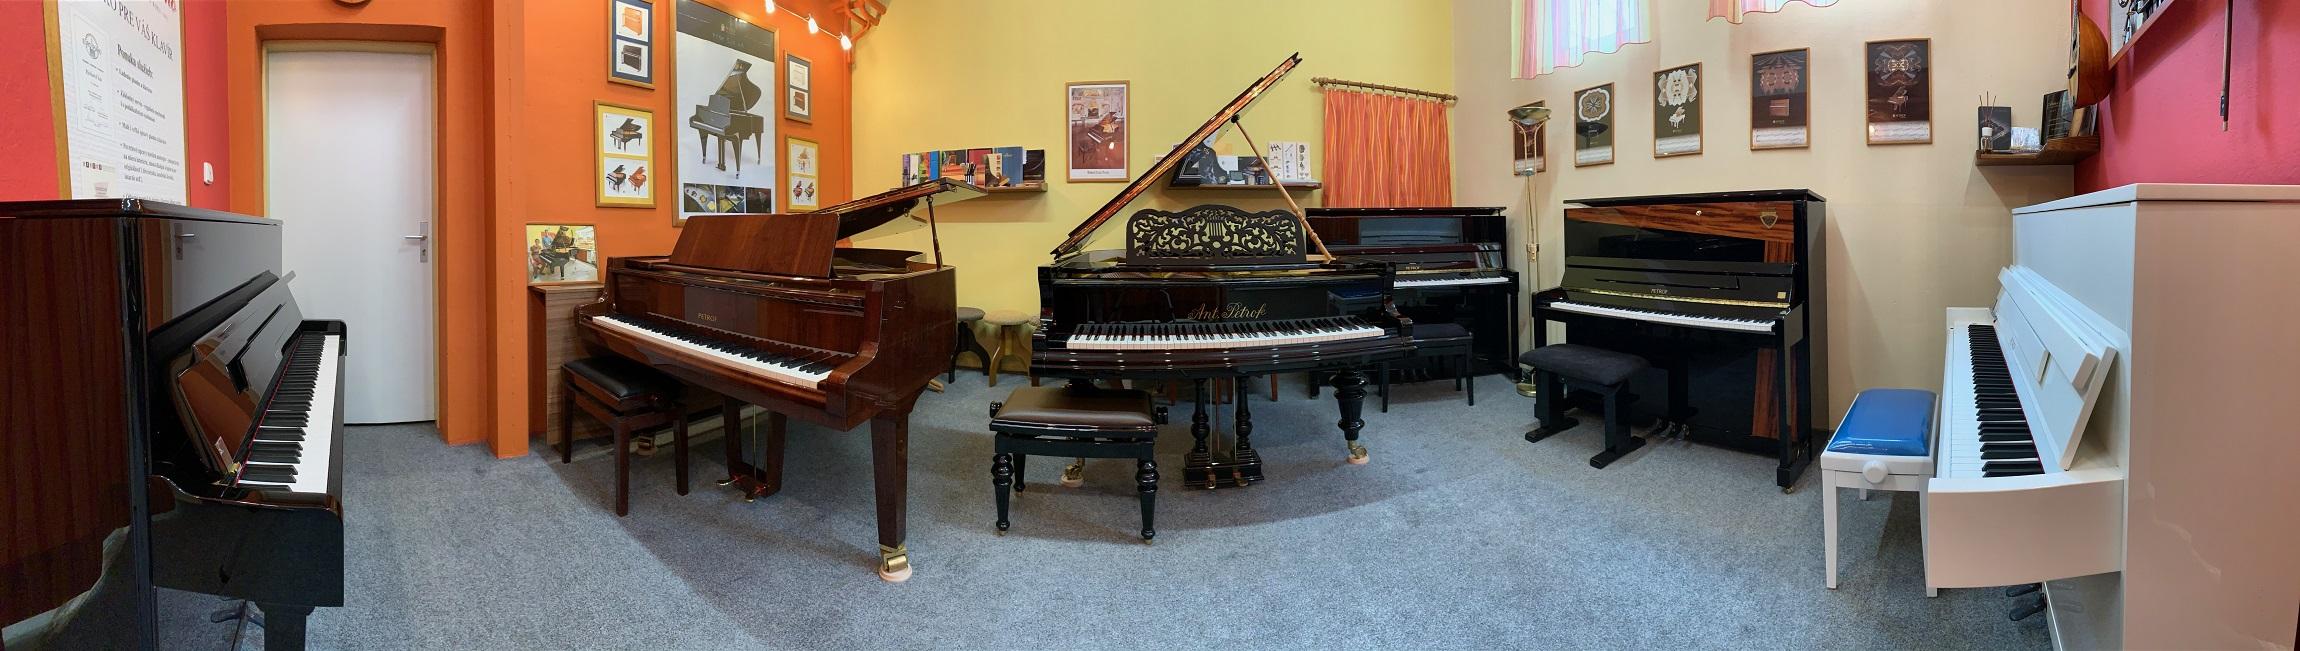 Atelier Piano 2020